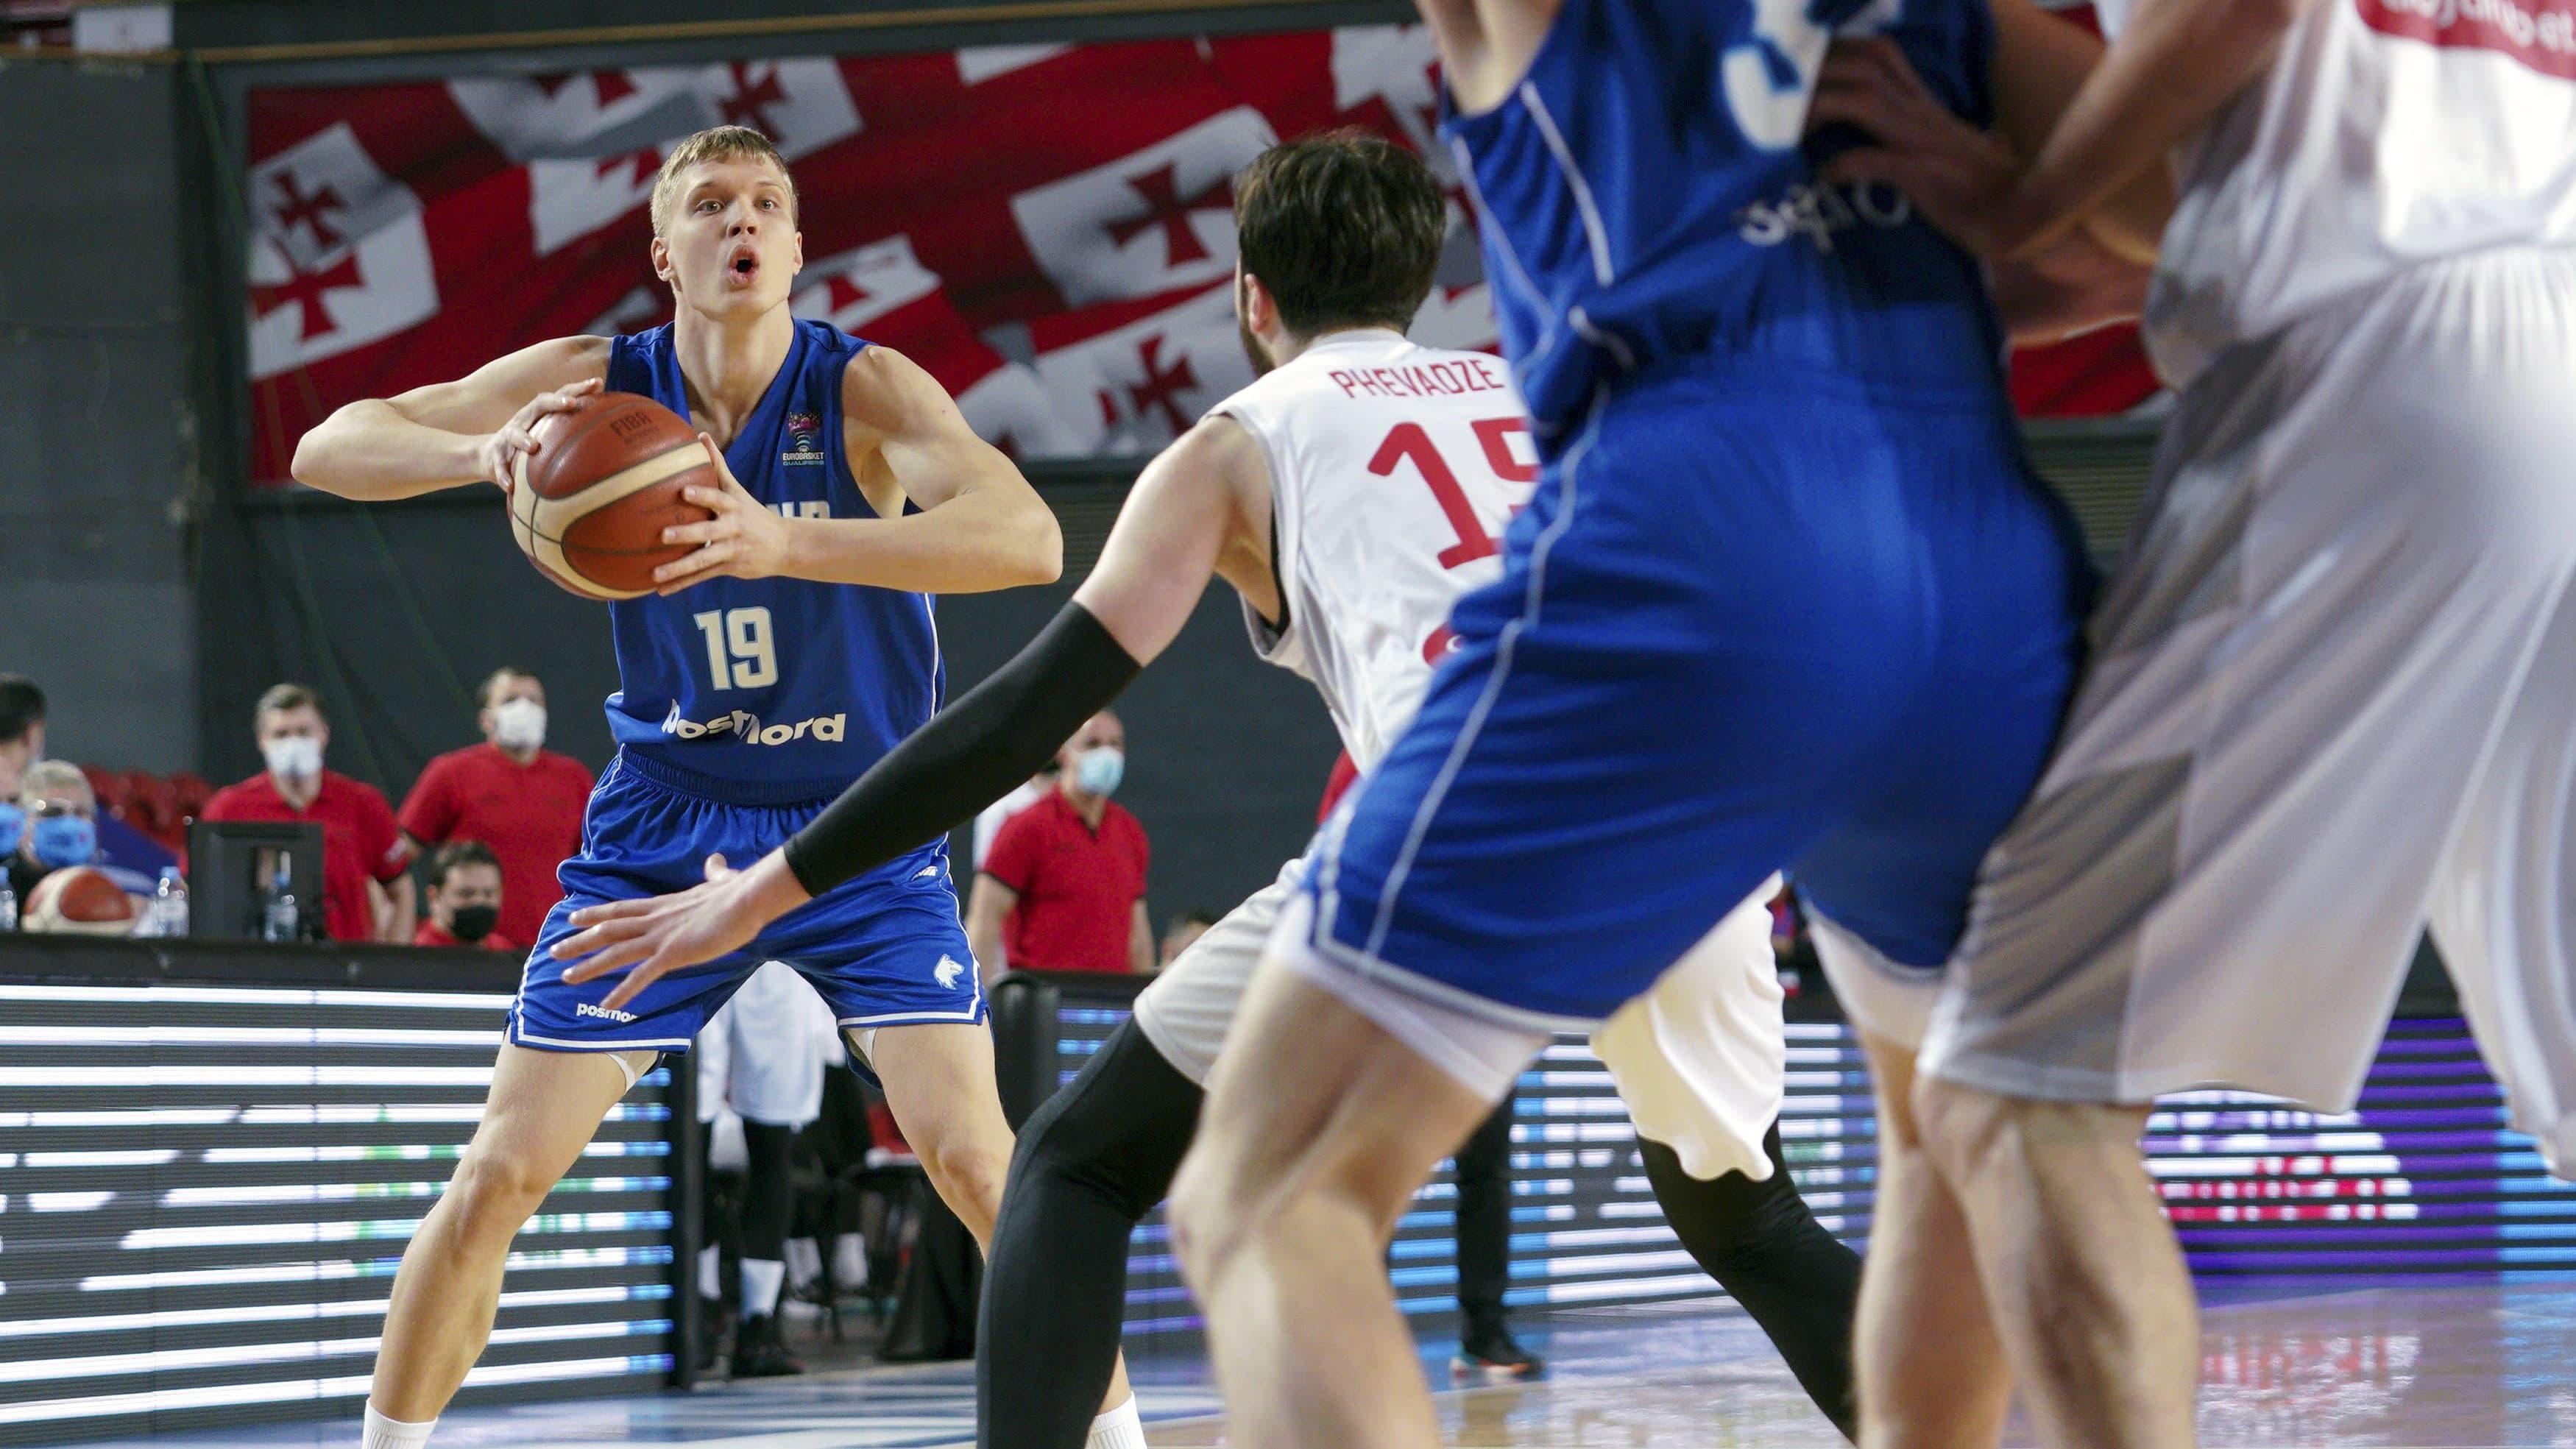 Suomen koripallomaajoukkueen Elias Valtonen.